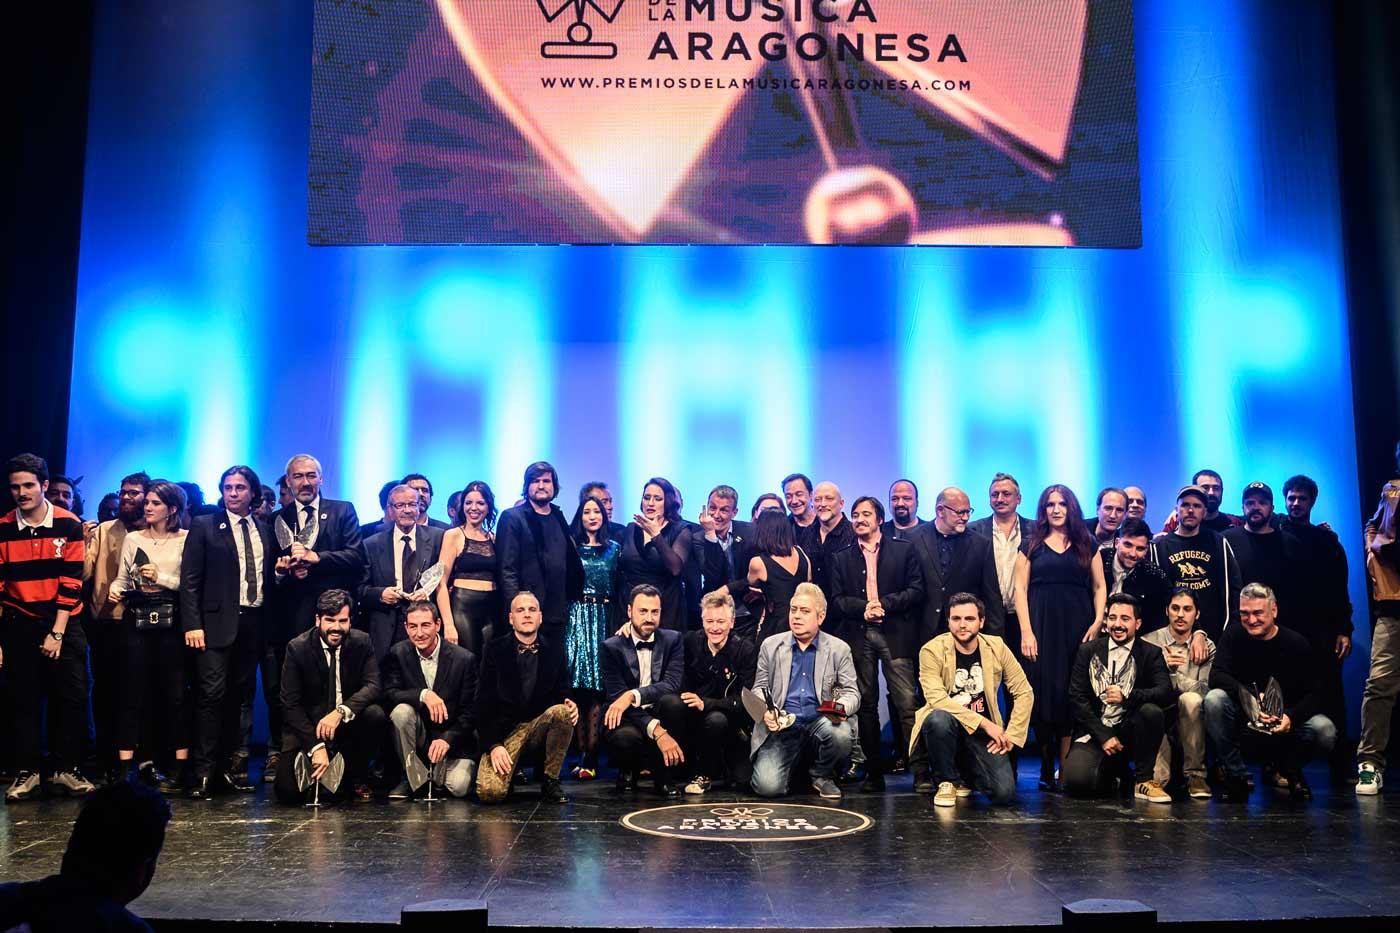 Y los Premios de la Música Aragonesa llegaron a la 20ª edición